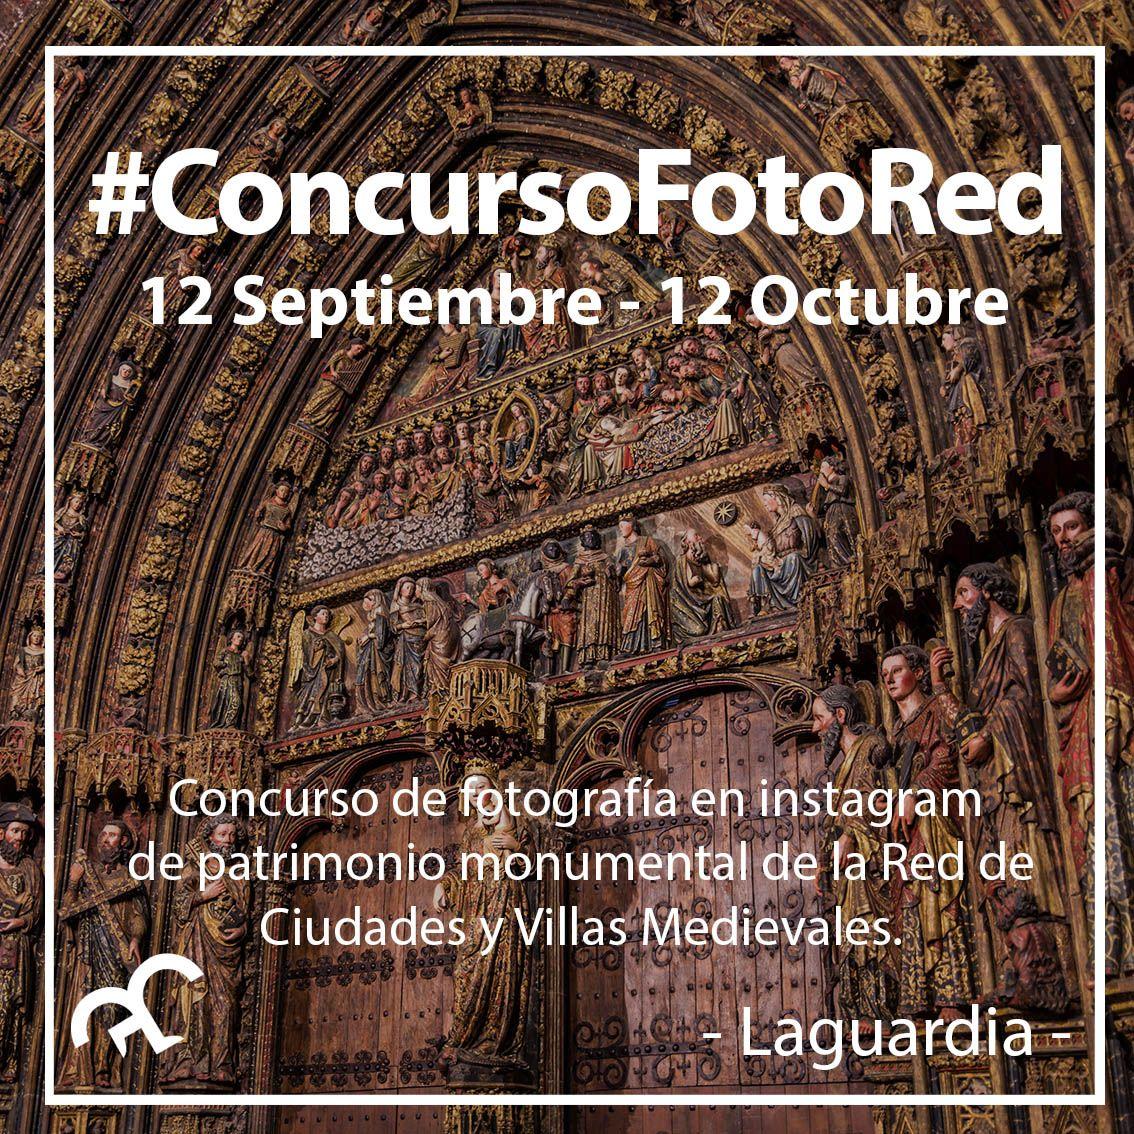 Fotografia Darse una vuelta por la Red Medieval en Instagram, tiene